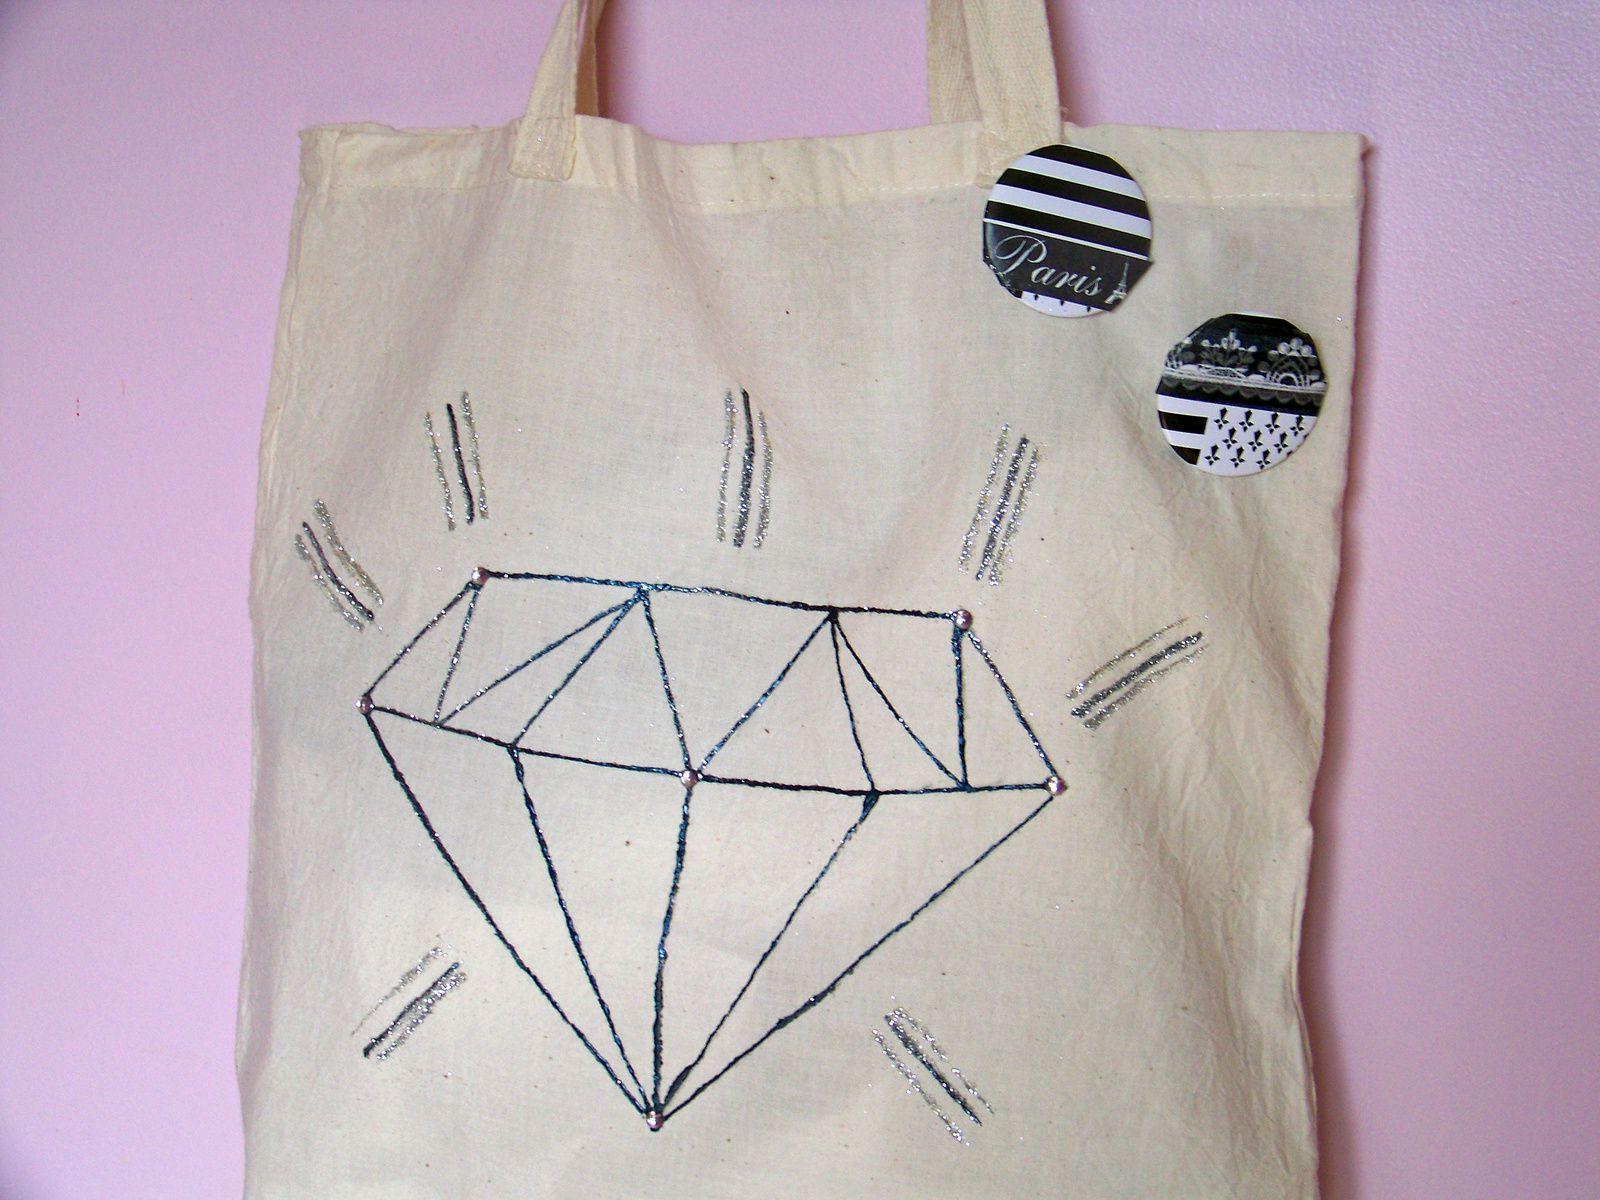 Le tote bag à motif diamant !